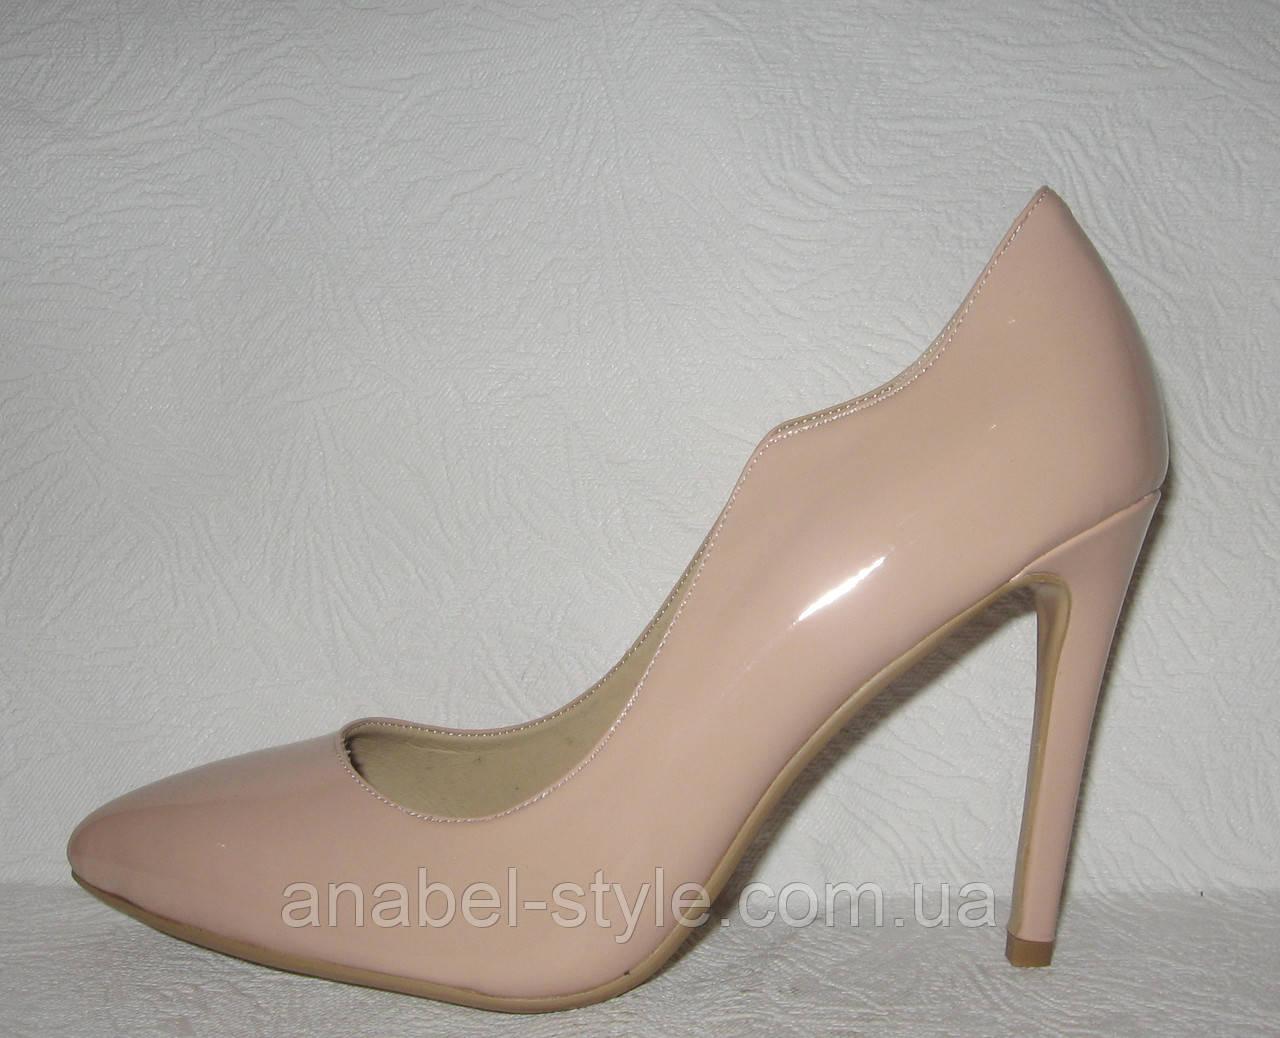 Туфли женские стильные на шпильке цвета пудра